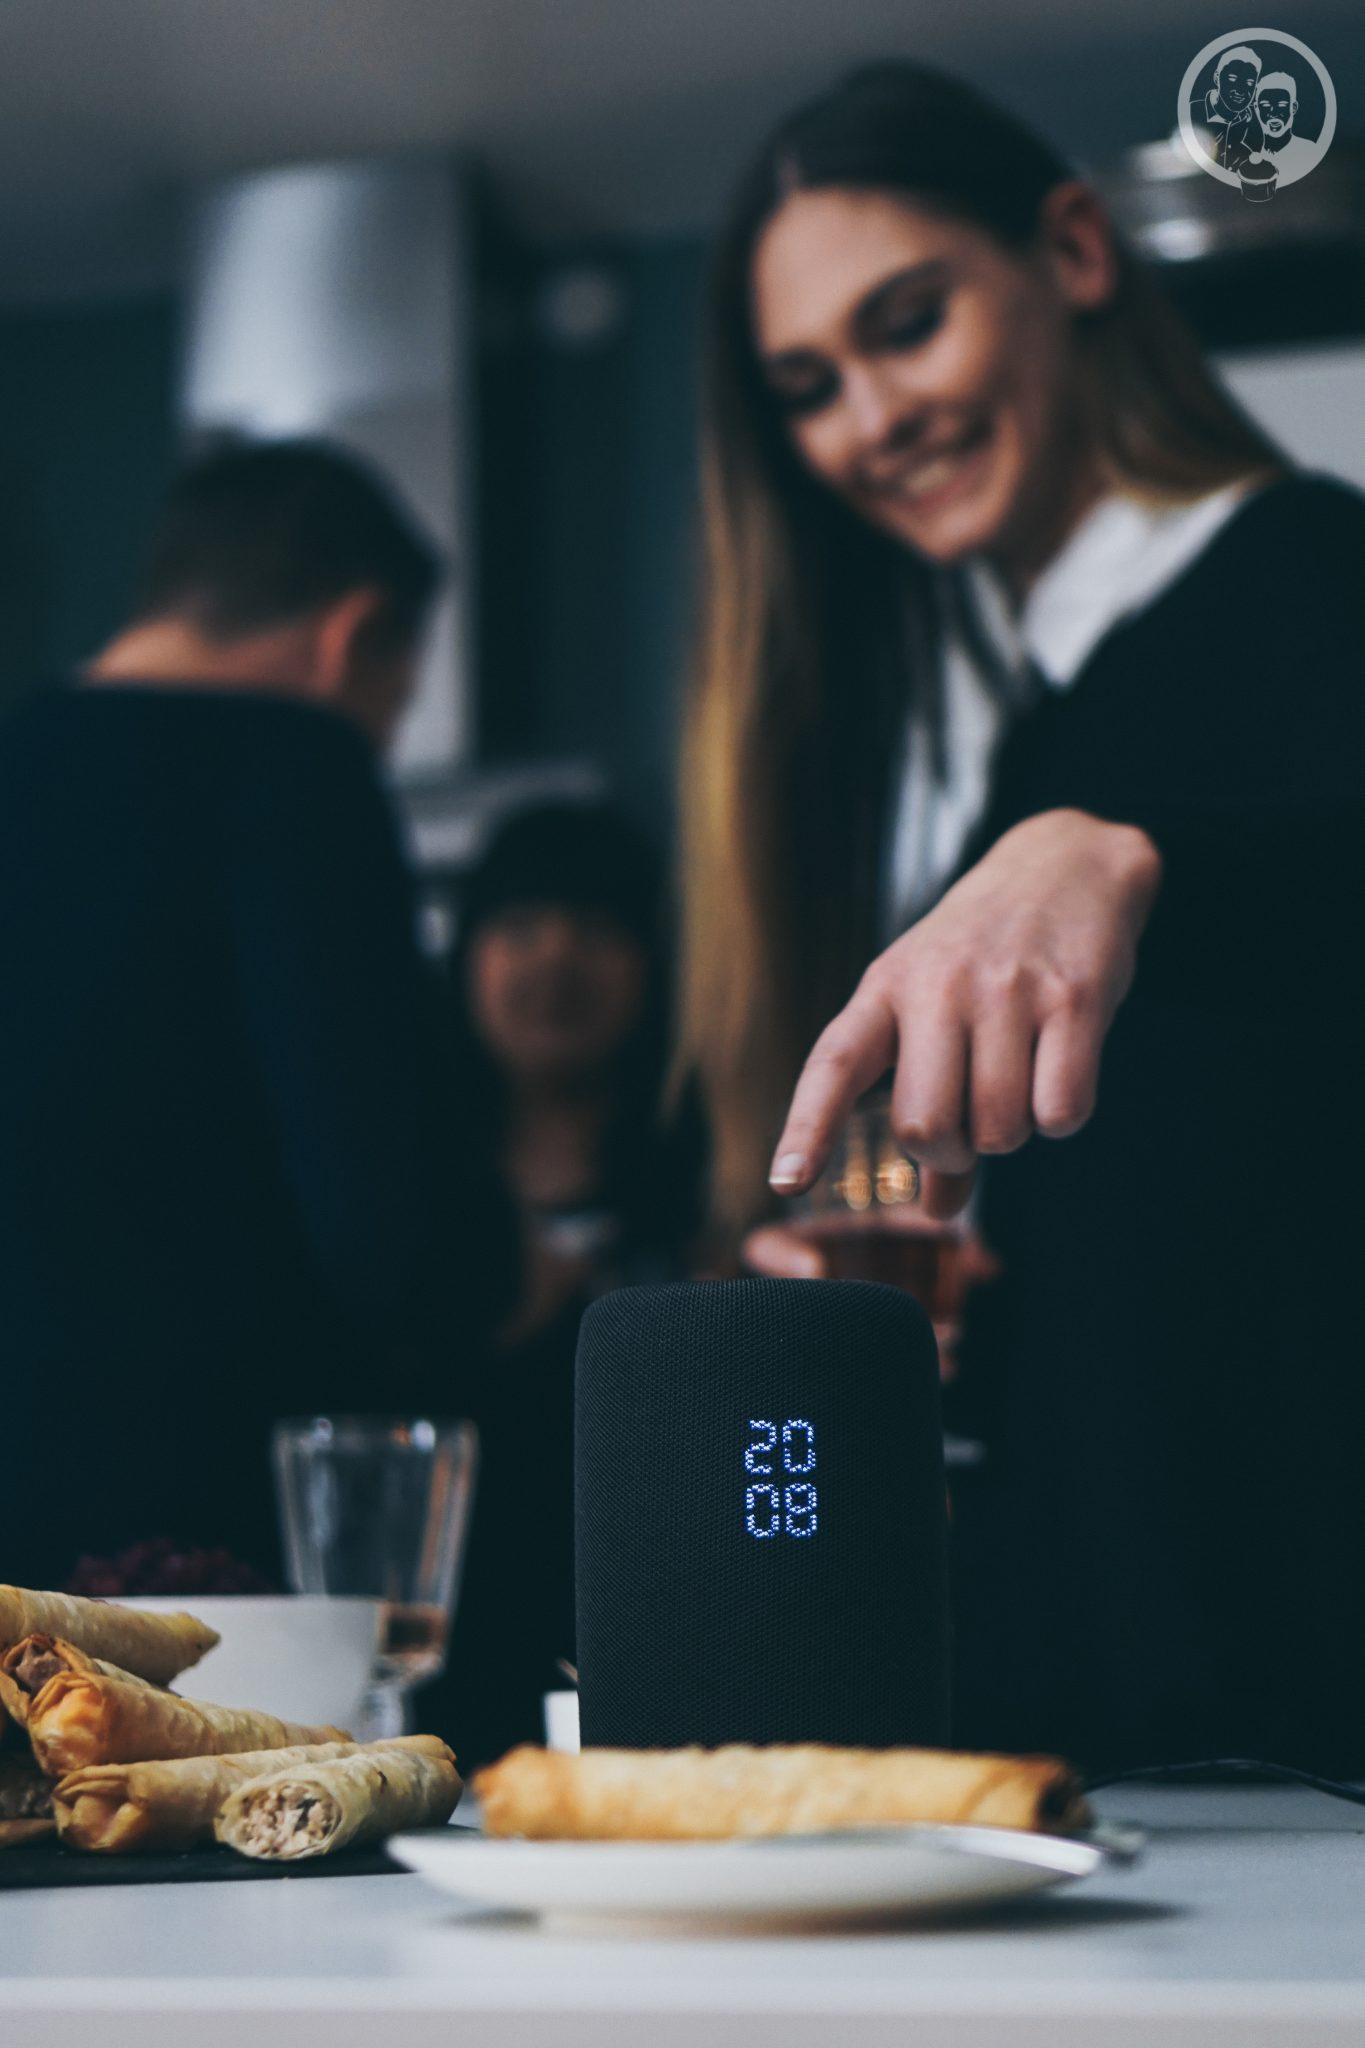 B%C3%B6rek mW 6   Unsere Küche ist der Mittelpunkt unserer Wohnung ... hier verbringen wir die meiste Zeit! Ob beim Kochen und Backen, beim gemütlichen Zusammensein oder auch bei spontanen Partyabenden.Dazu gibt es immer leckere Snacks, denn hungern muss definitiv keiner unserer Freunde bei uns :)So auch nicht bei unserer letzten kleinen Küchenparty! Es gab köstliches Finger Food in Form von Börek.